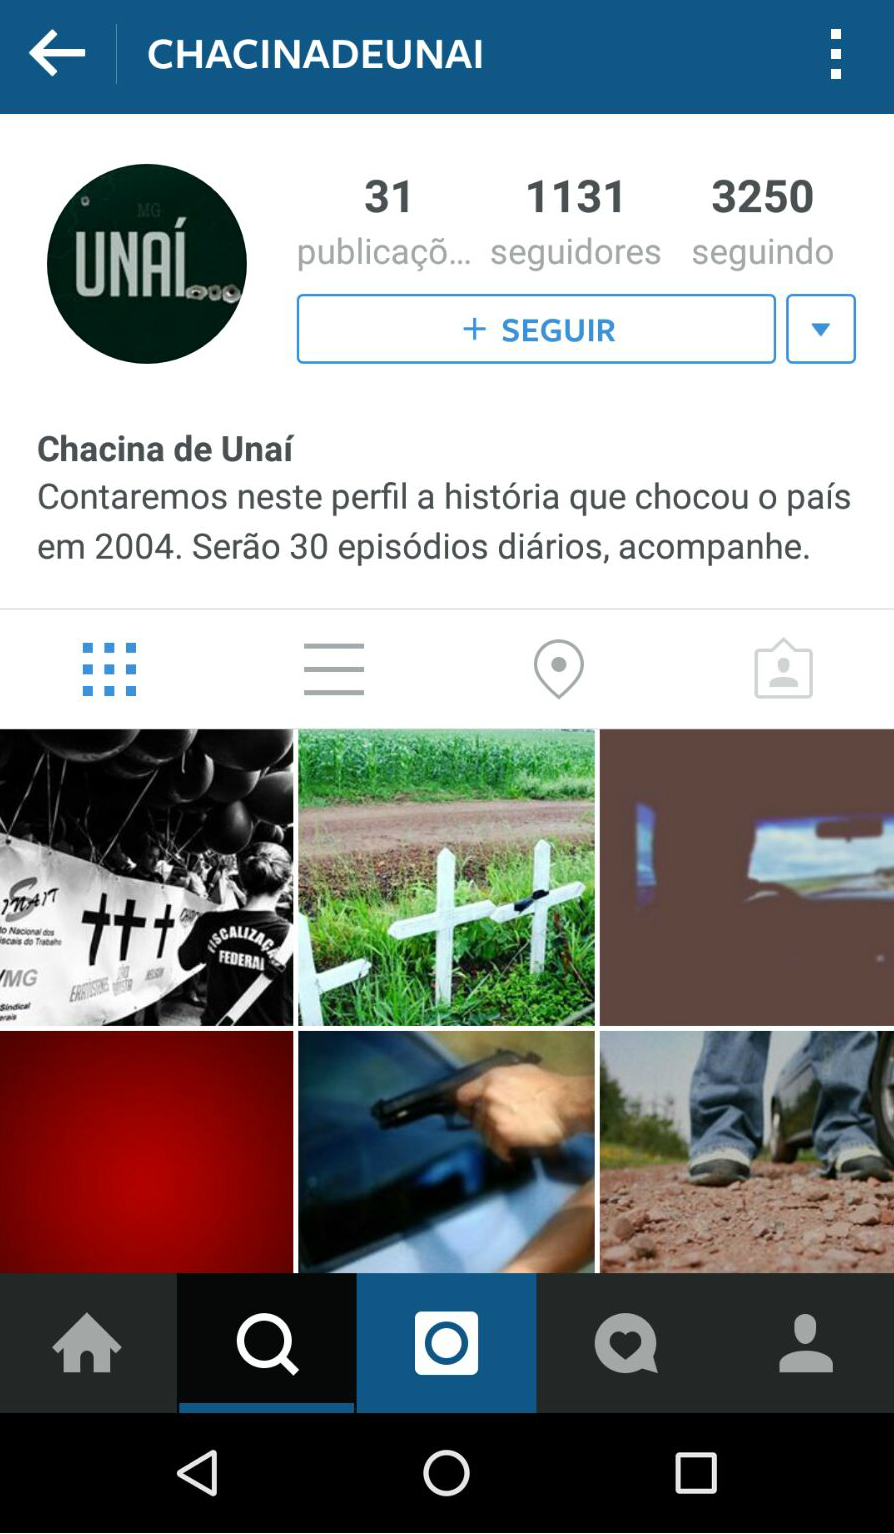 Foi criado um perfil no Instagram para recontar a história em capítulos diários.